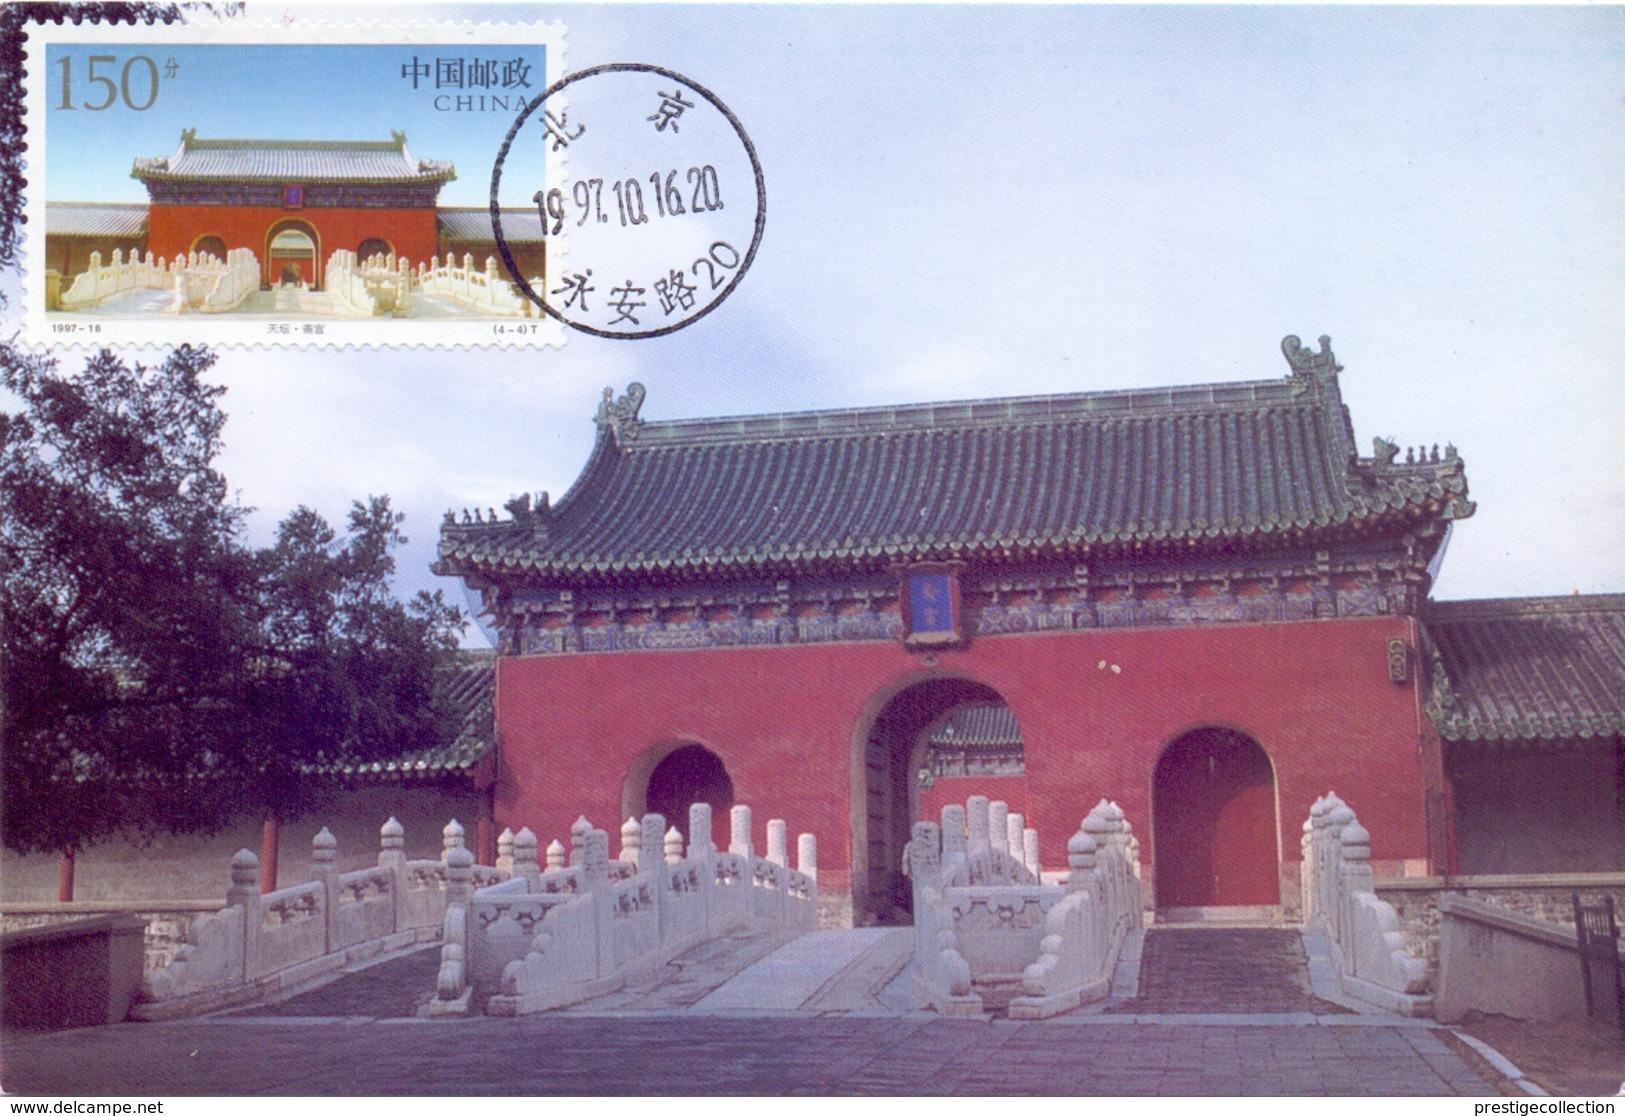 CINA TEMPLE OF HEAVEN BEIJING  MAXIMUM POST CARD  (GENN200736) - 1949 - ... République Populaire